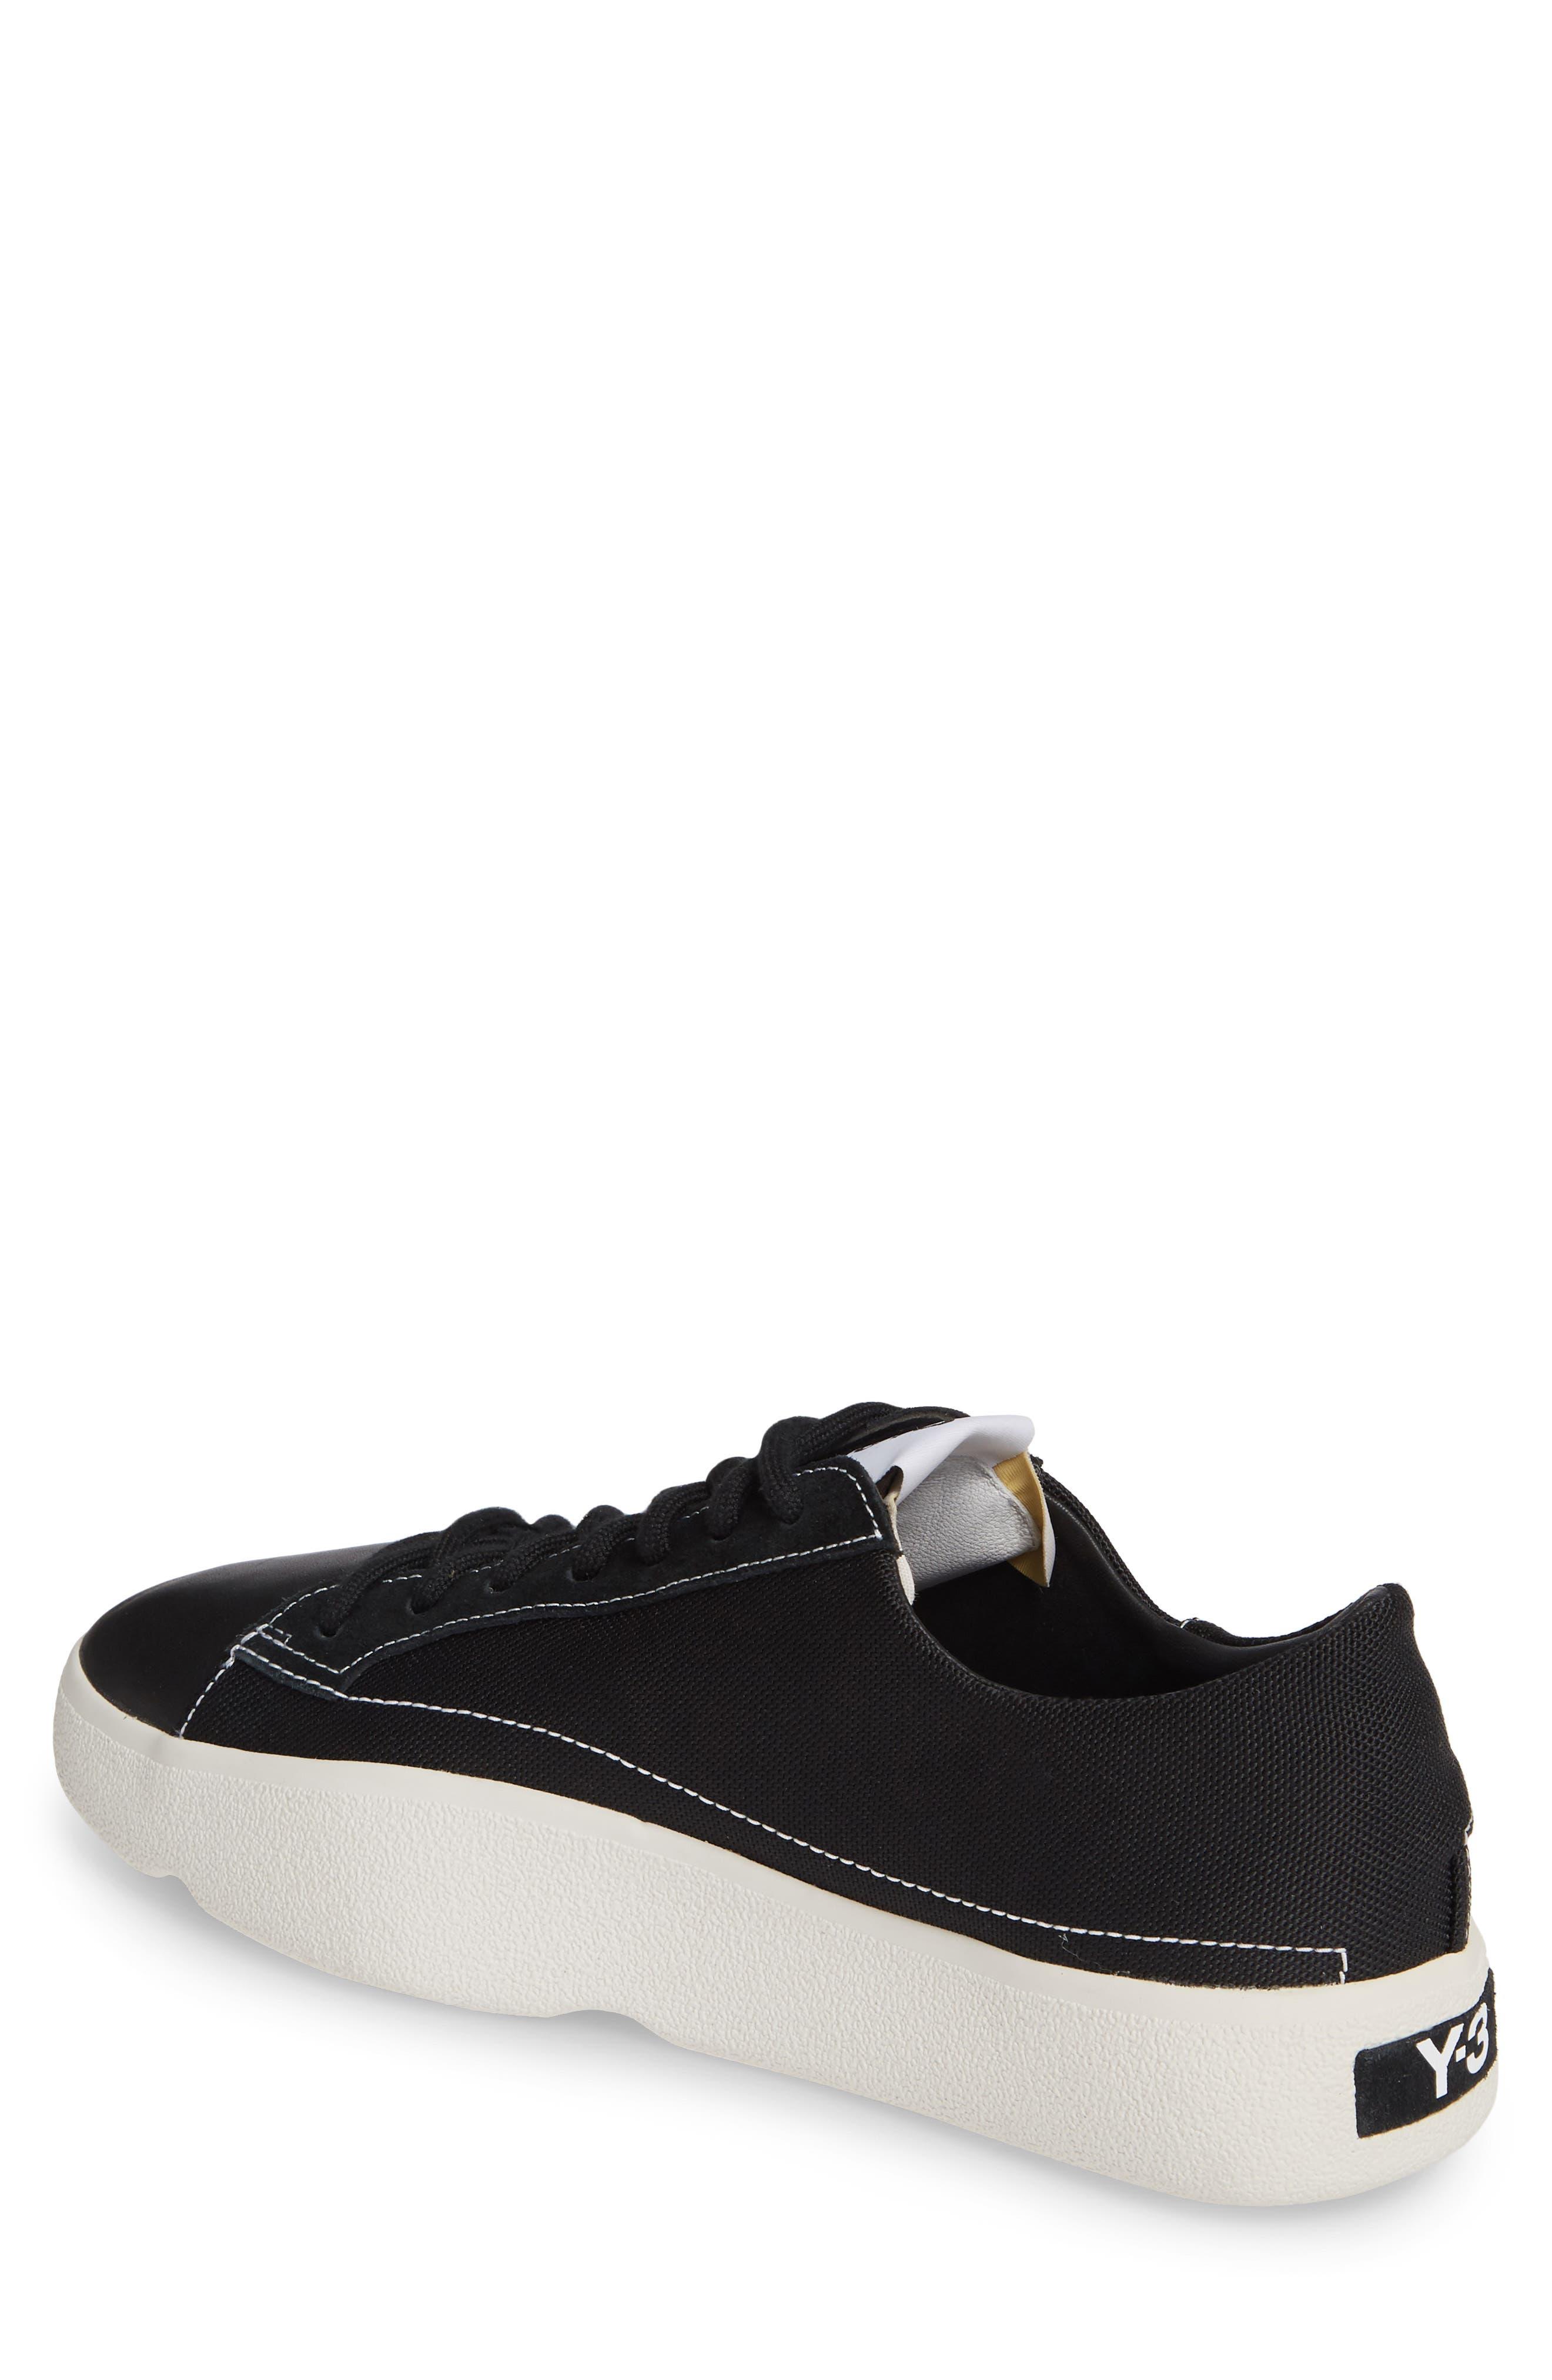 27094d5b7c0e6 Women s Y-3 Shoes